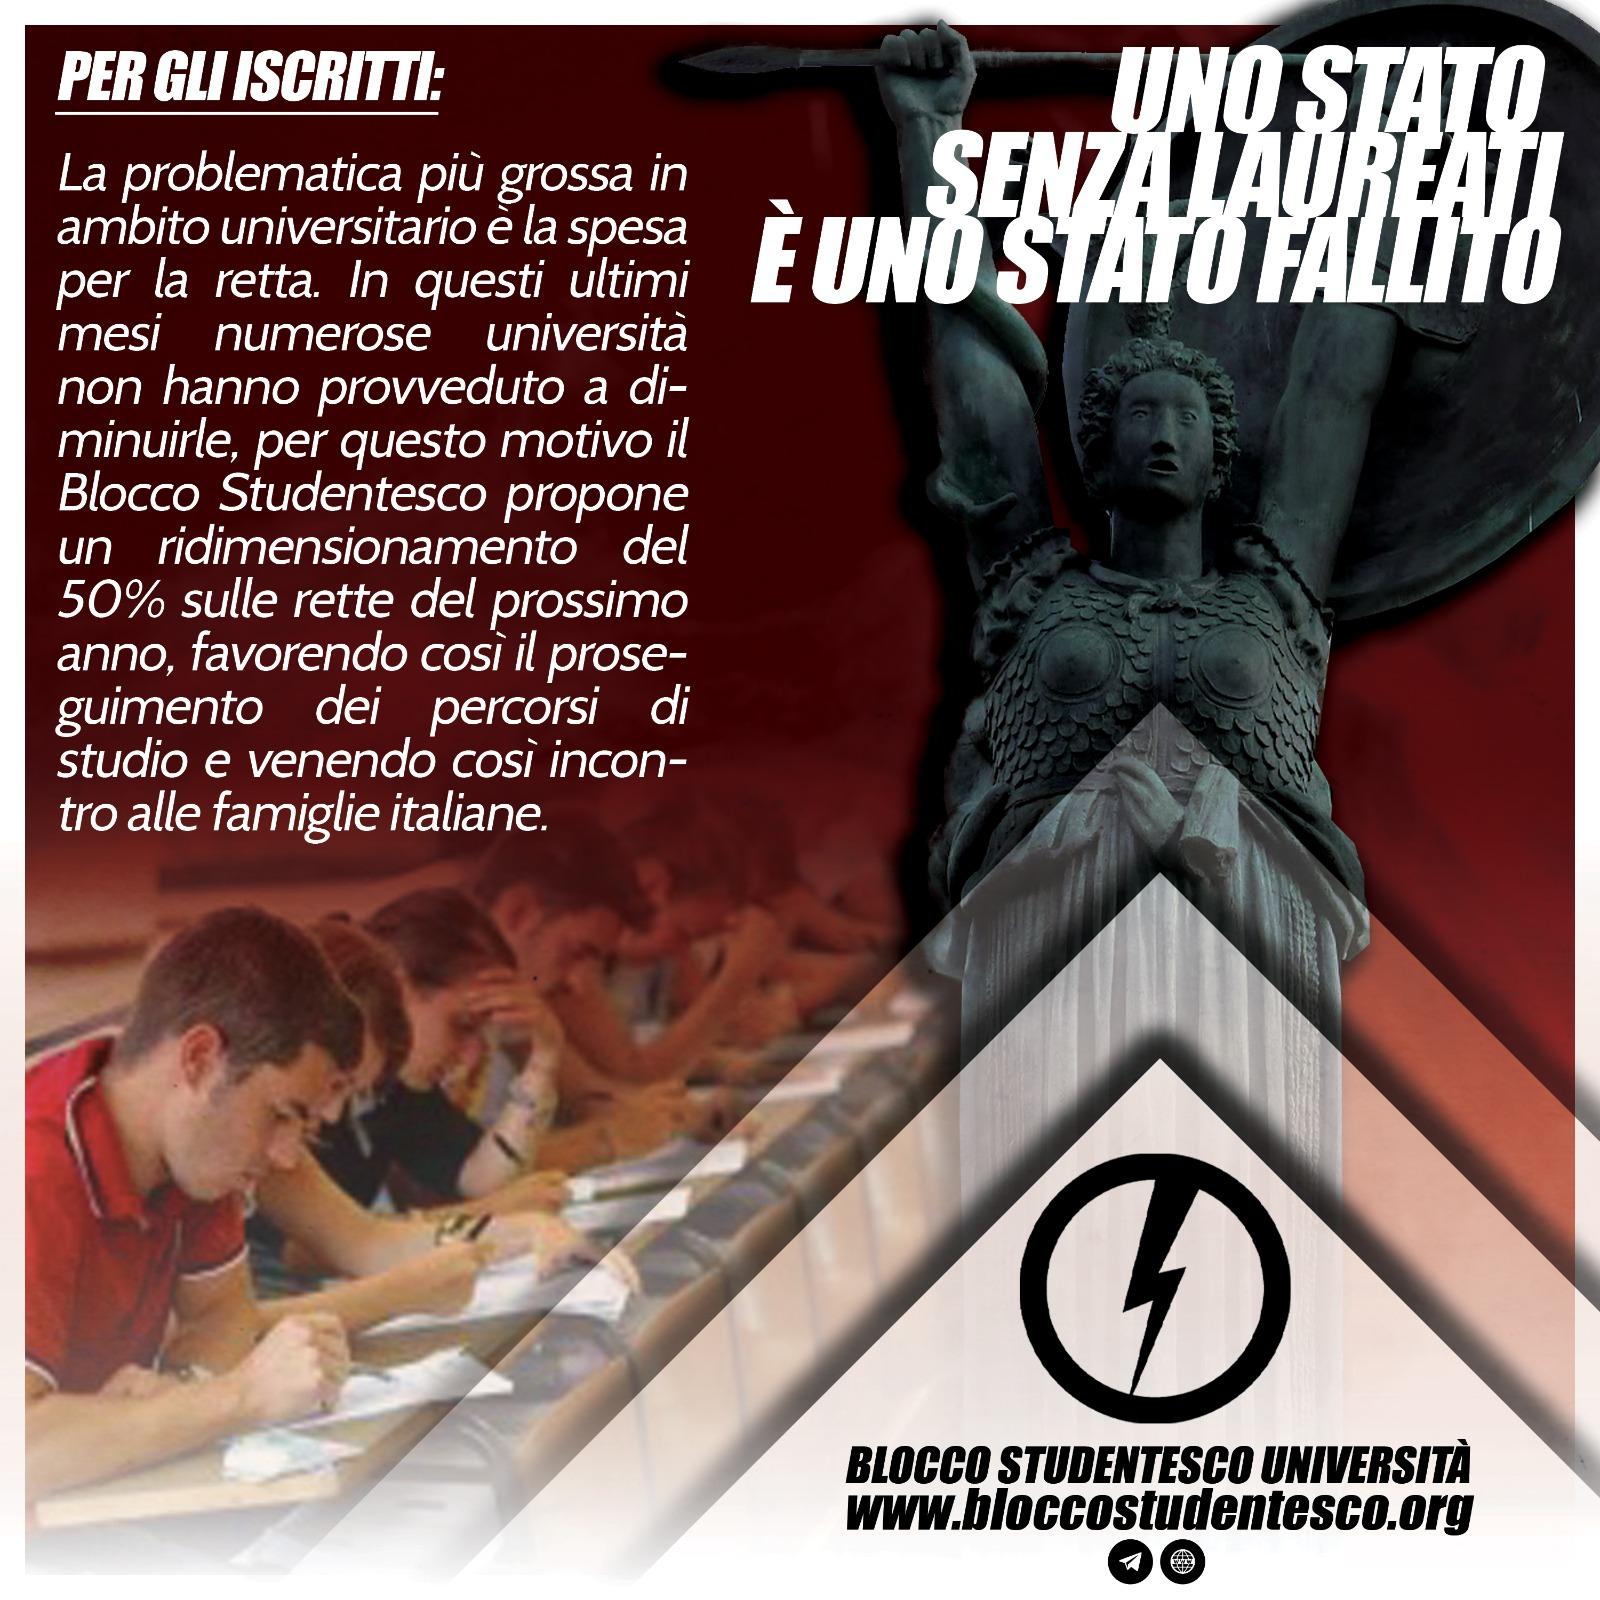 proposta agevolazioni iscritti blocco studentesco università covid 19